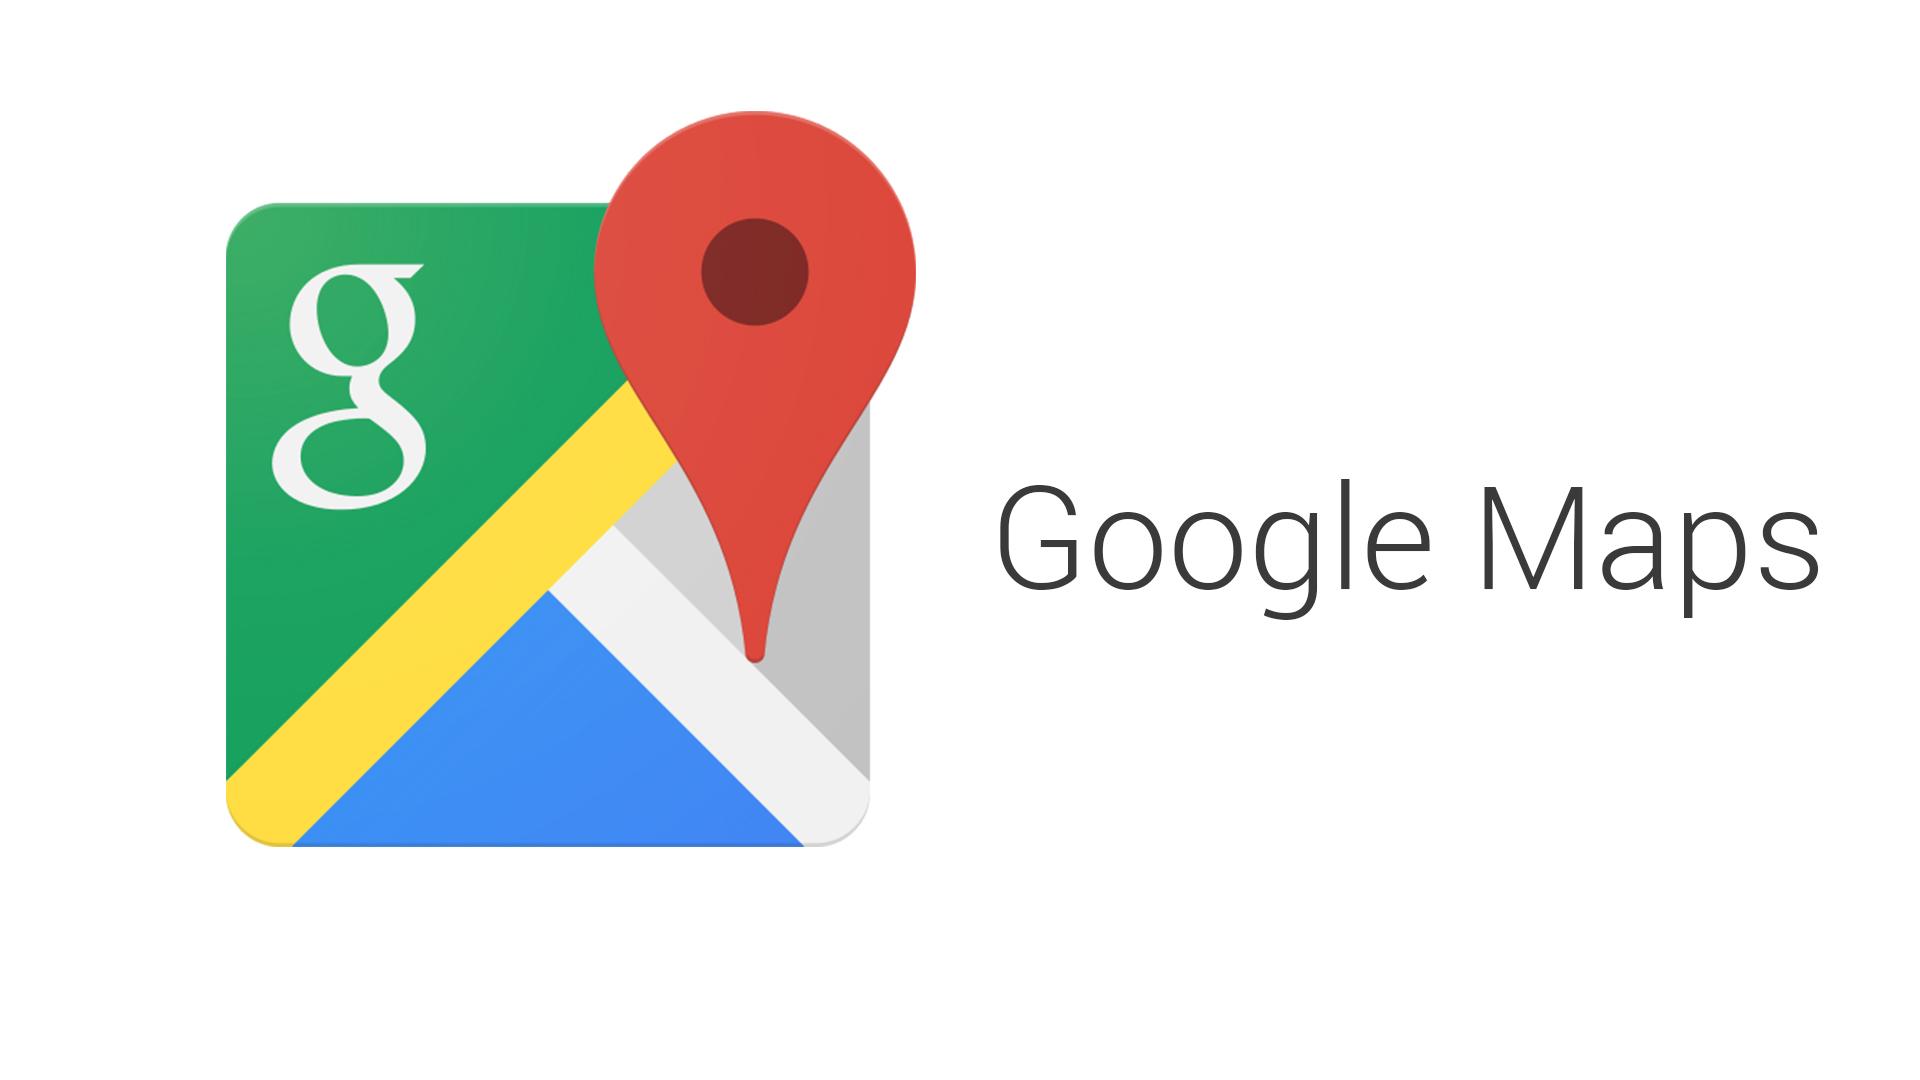 بروزرسانی گوگل مپ